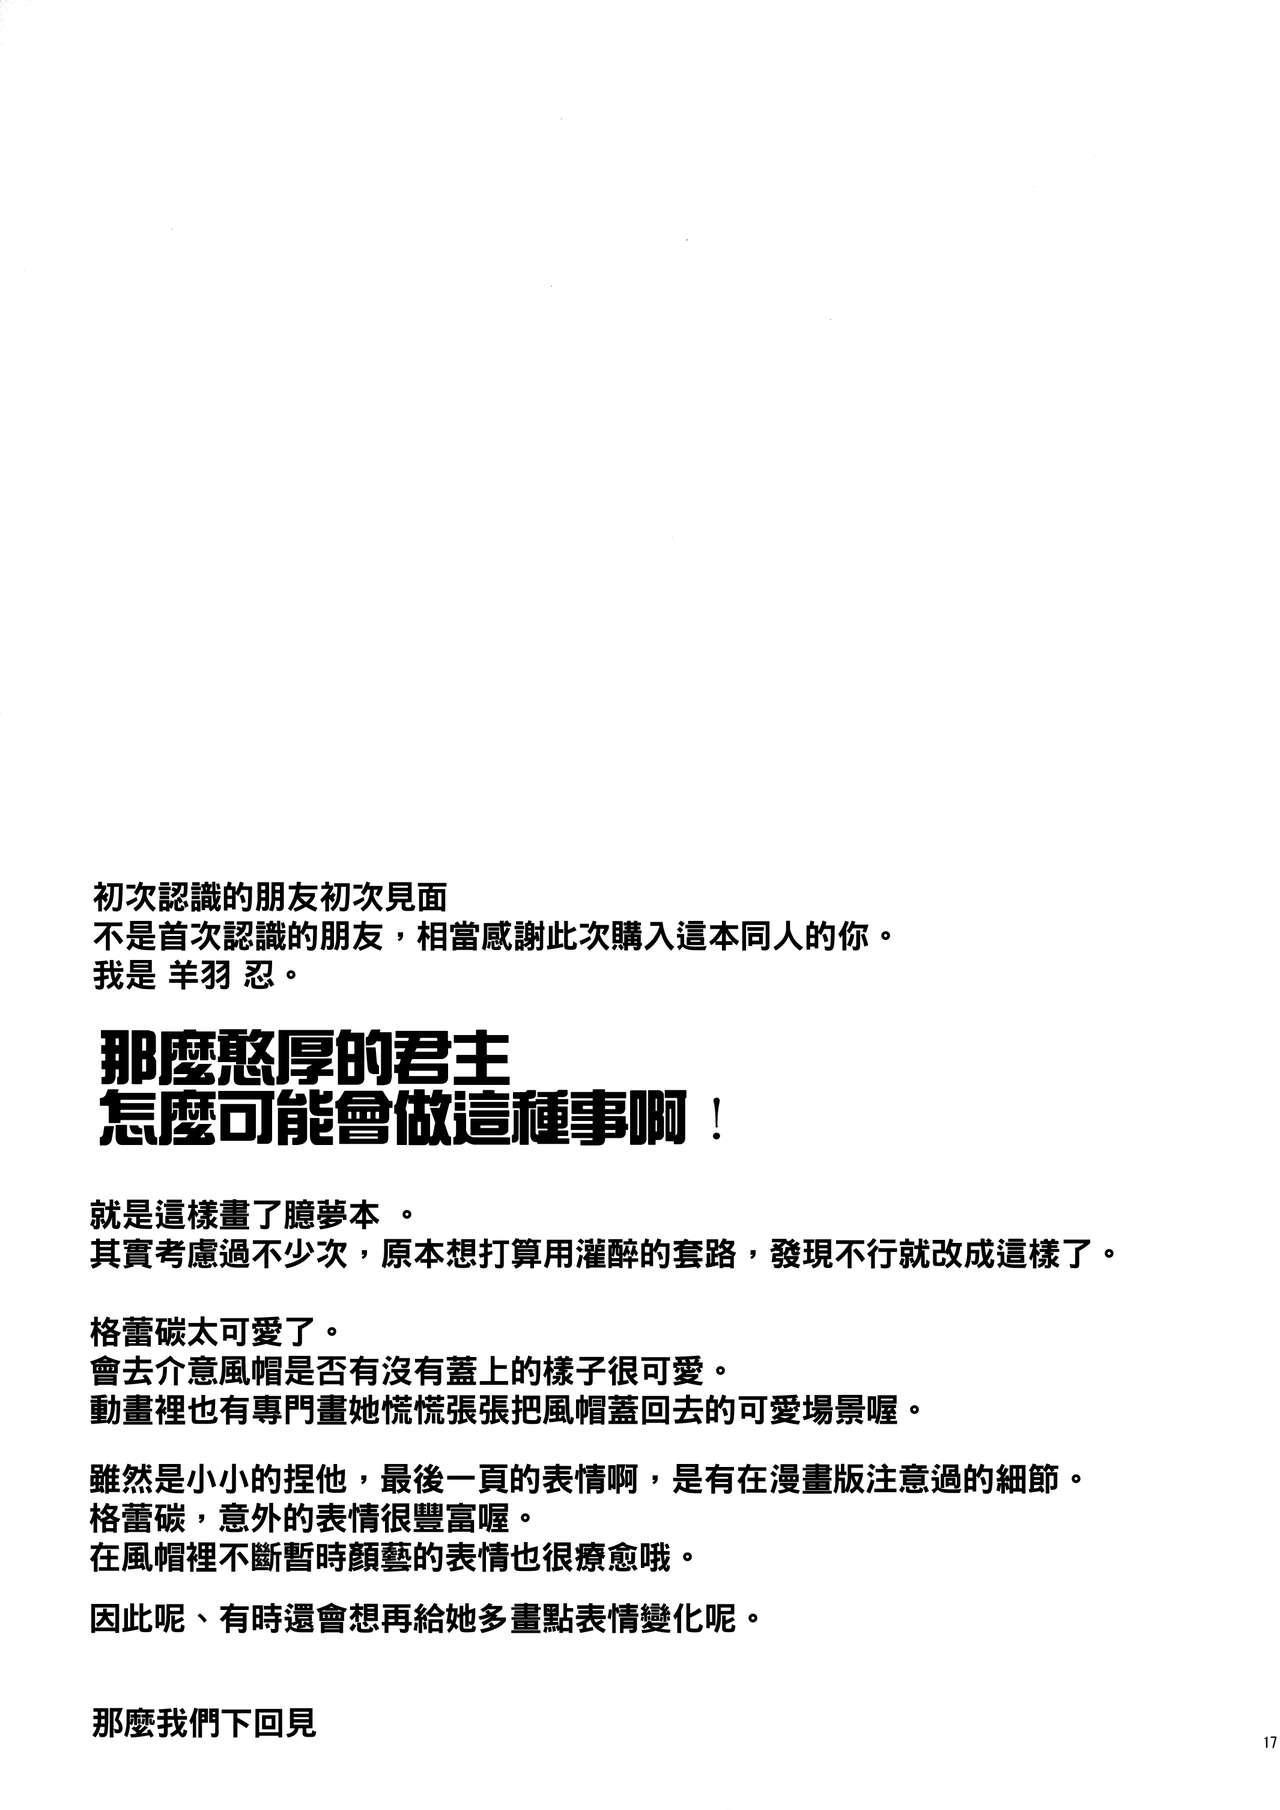 Gray-tan datte Hazukashii 17